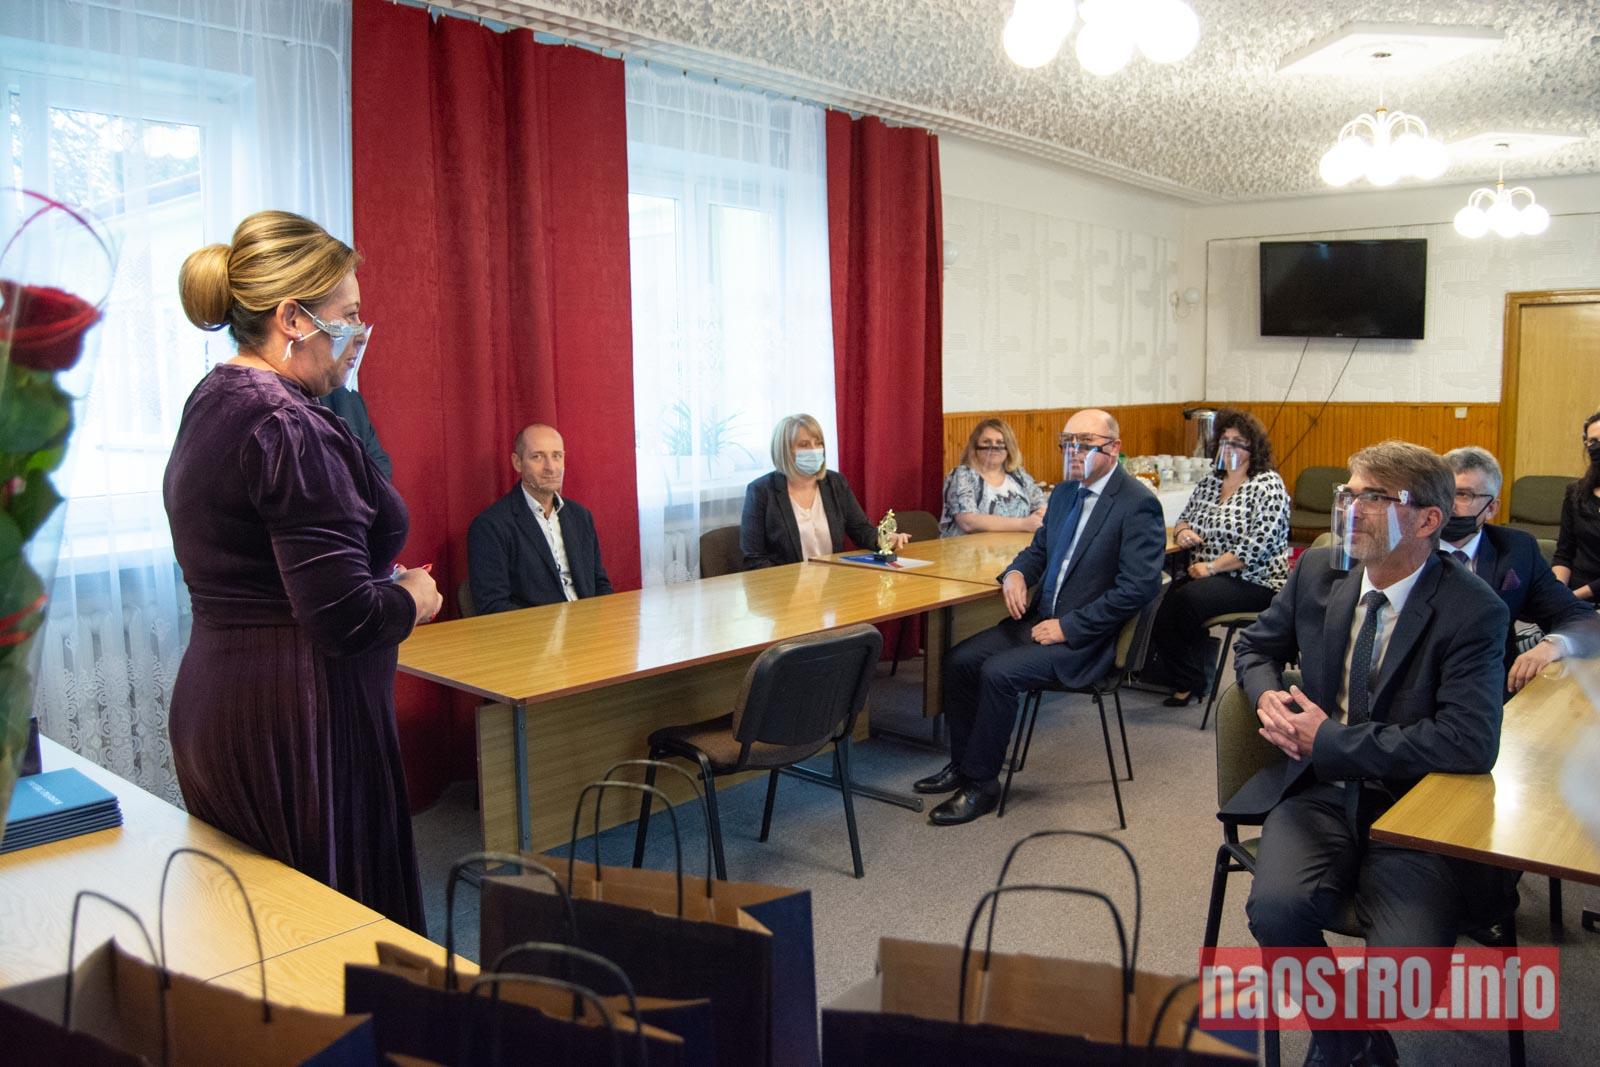 NaOSTRO.info Dzien nauczyciela cmielow-2988